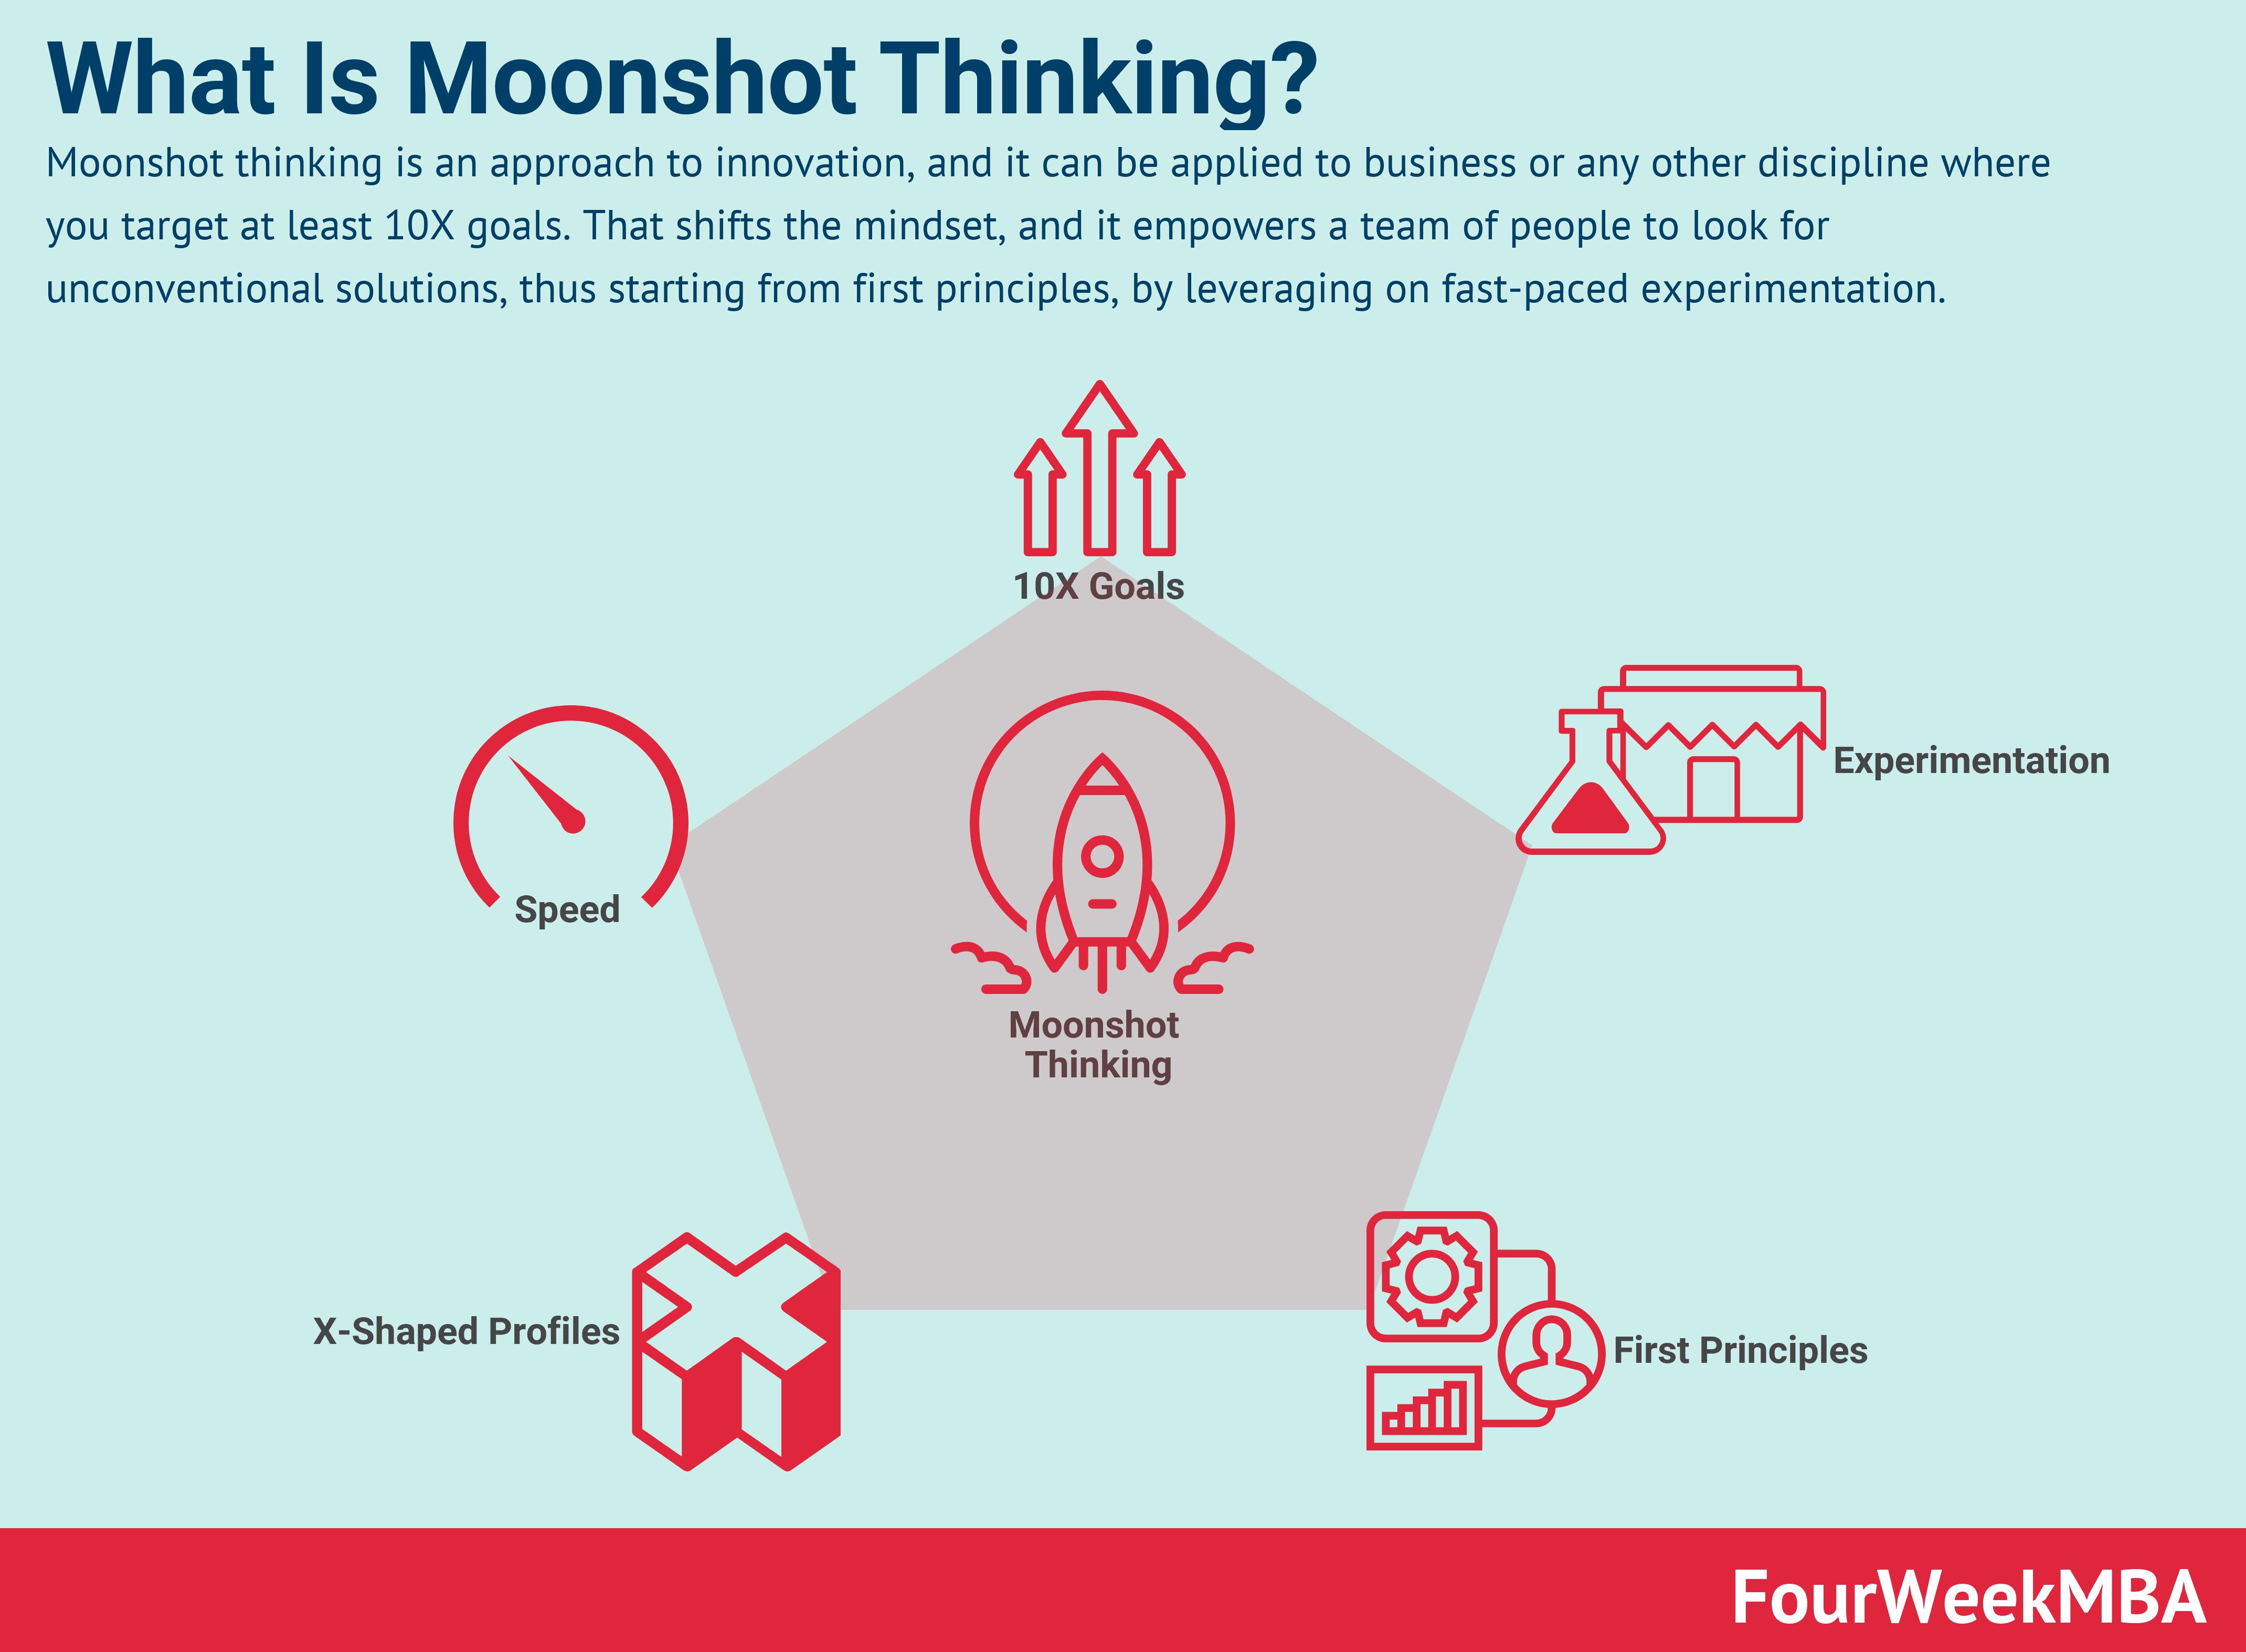 moonshot-thinking